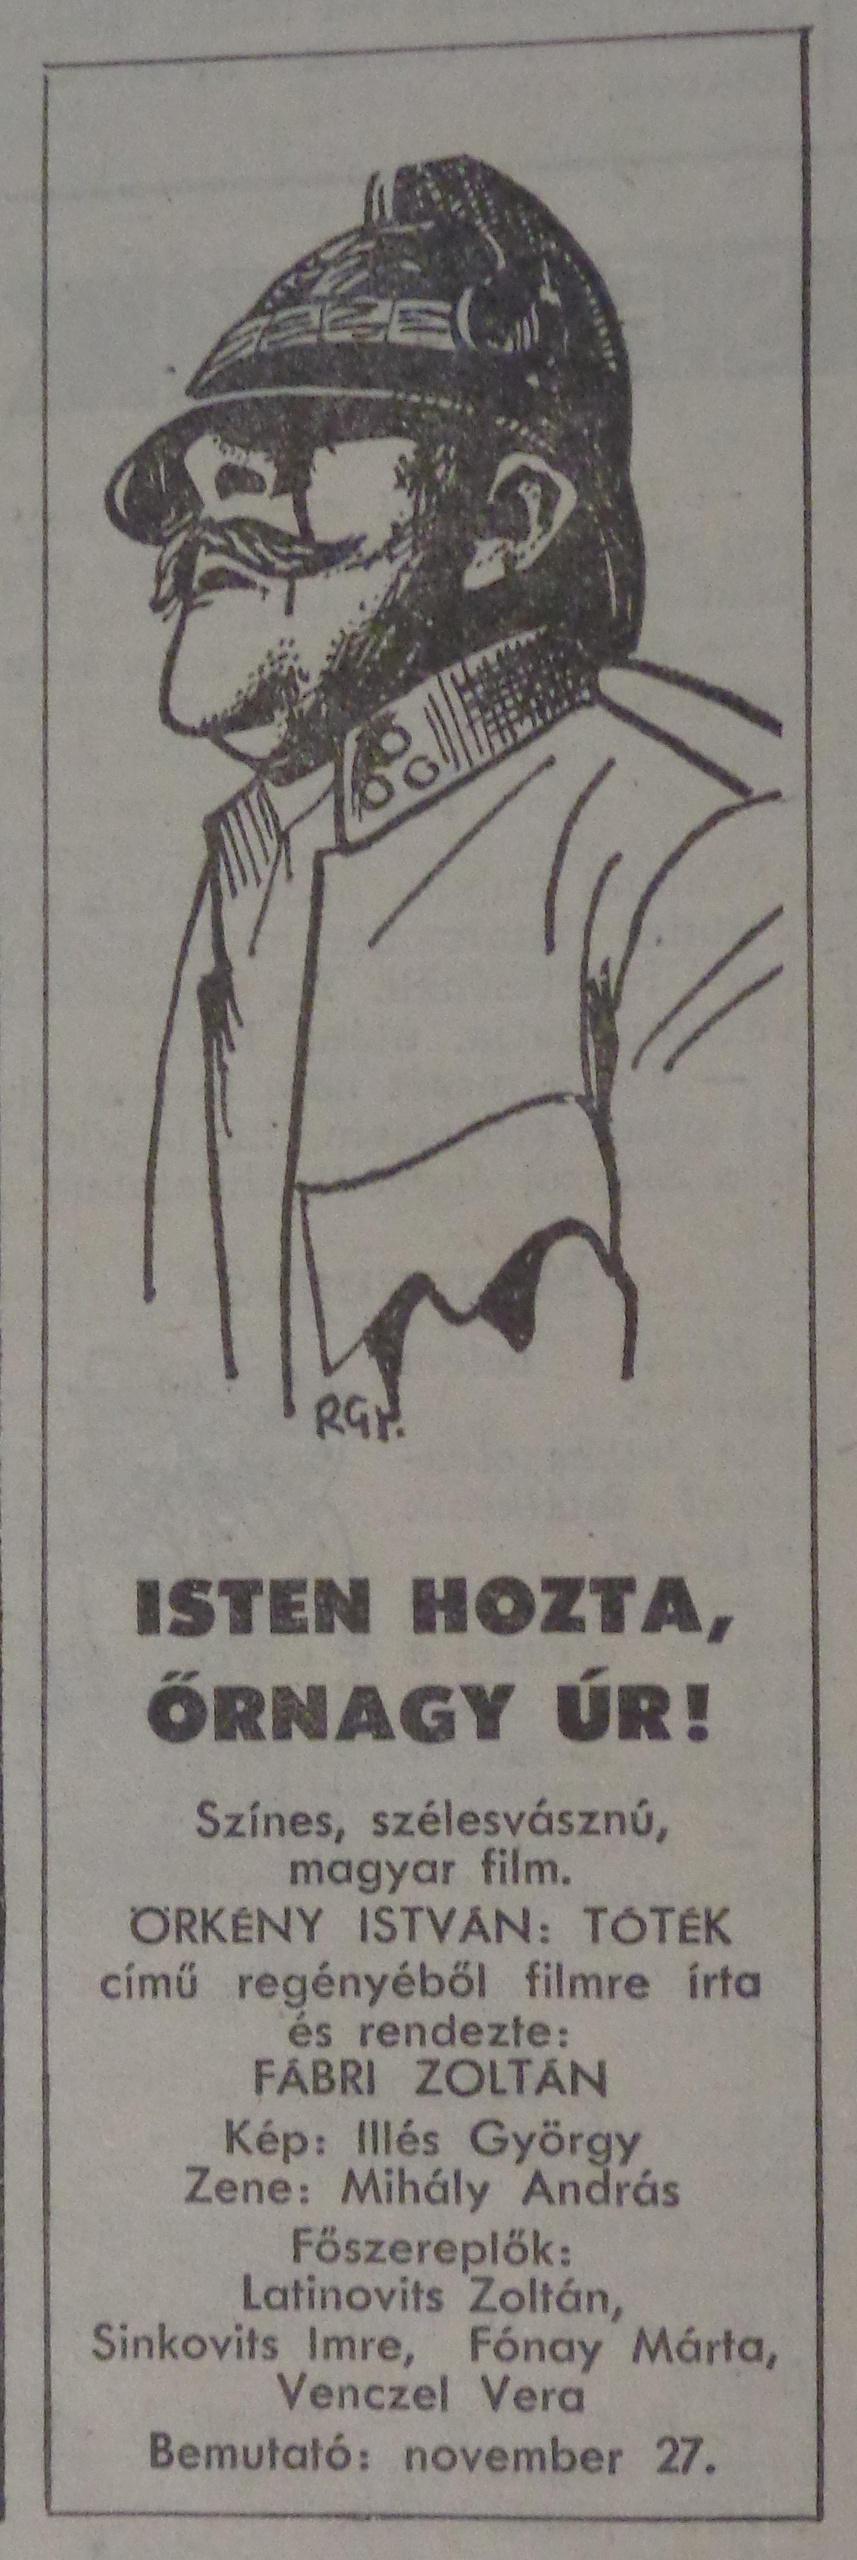 fovarosi.blog.hu: IstenHoztaOrnagyUr-19691123-NepszabadsagHirdetes - indafoto.hu